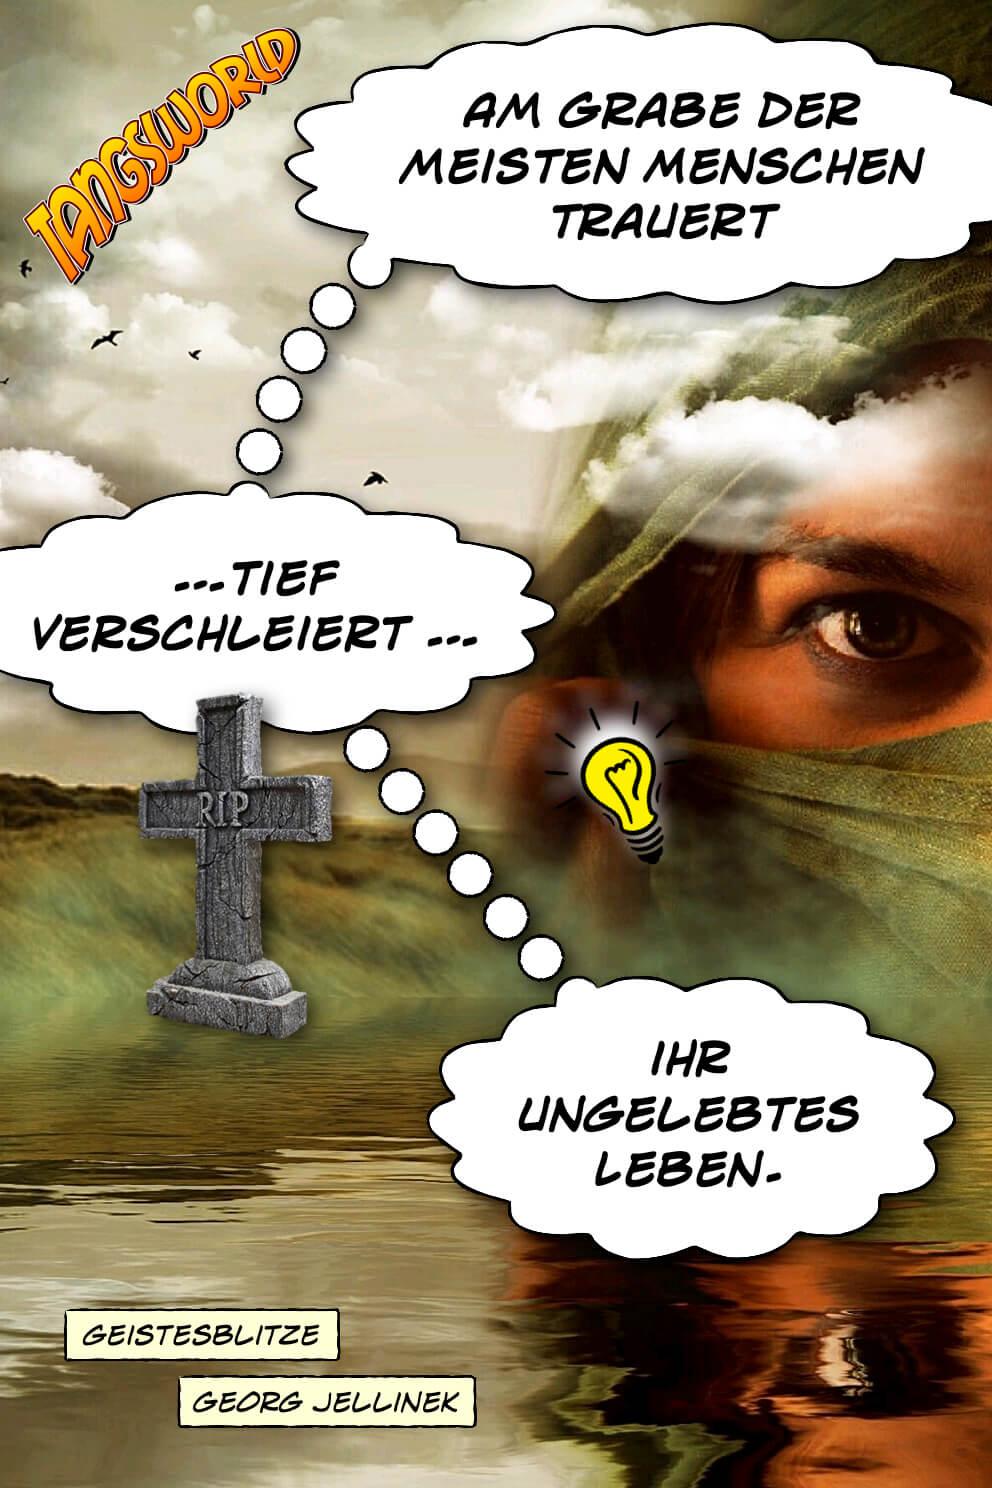 Am Grabe der meisten Menschen trauert - tief verschleiert - ihr ungelebtes Leben. - Geistesblitze |Georg Jellinek